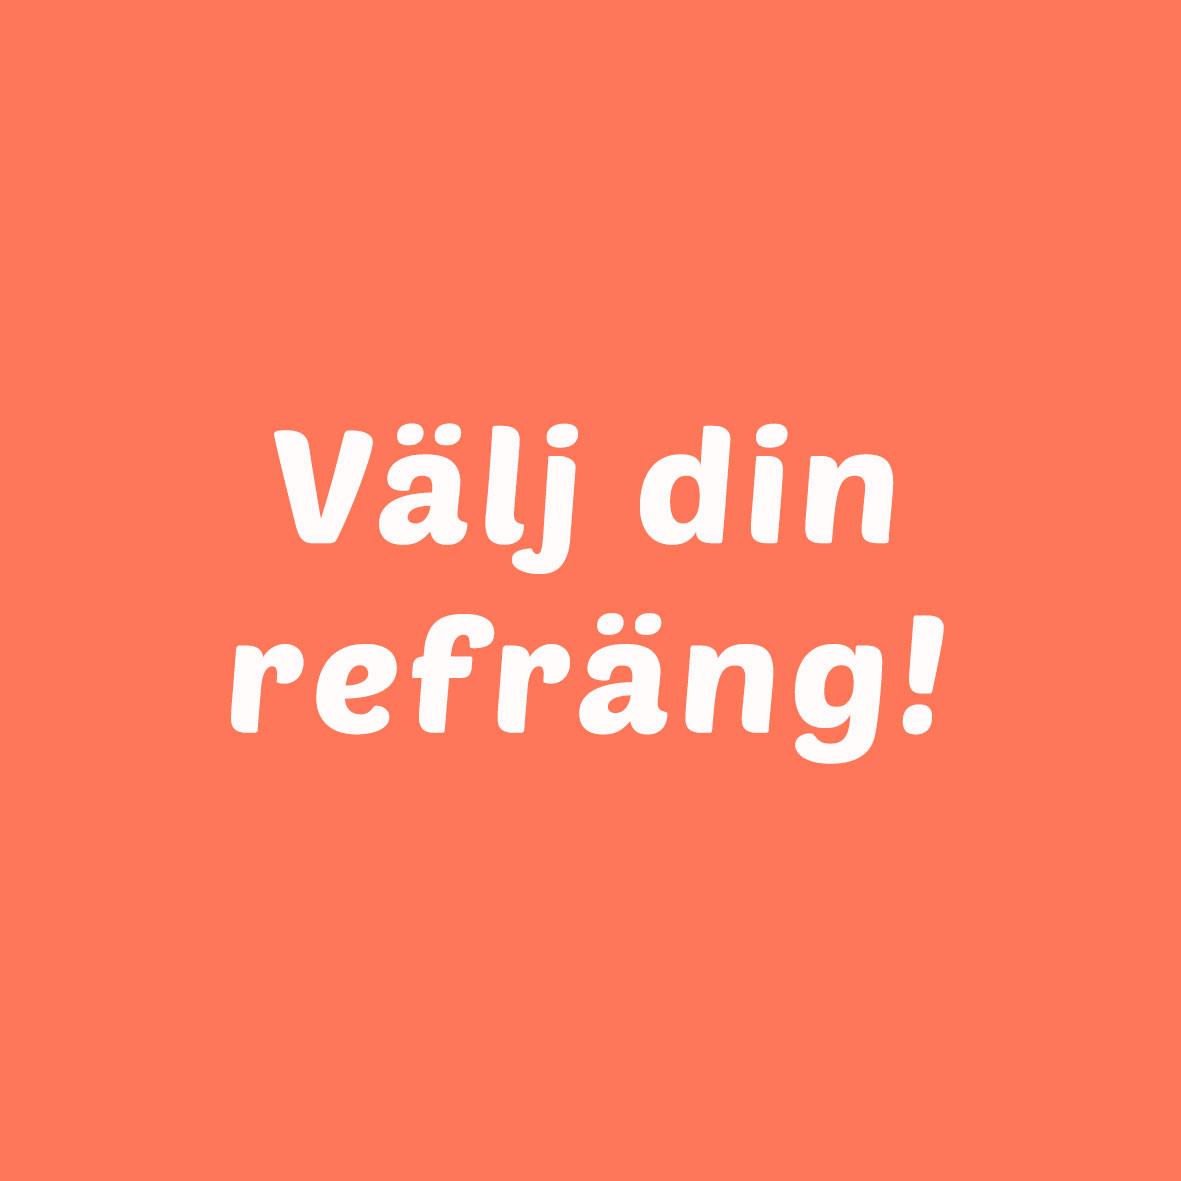 VÄLJ-DIN-REFRÄNG-KVADRAT1.jpg